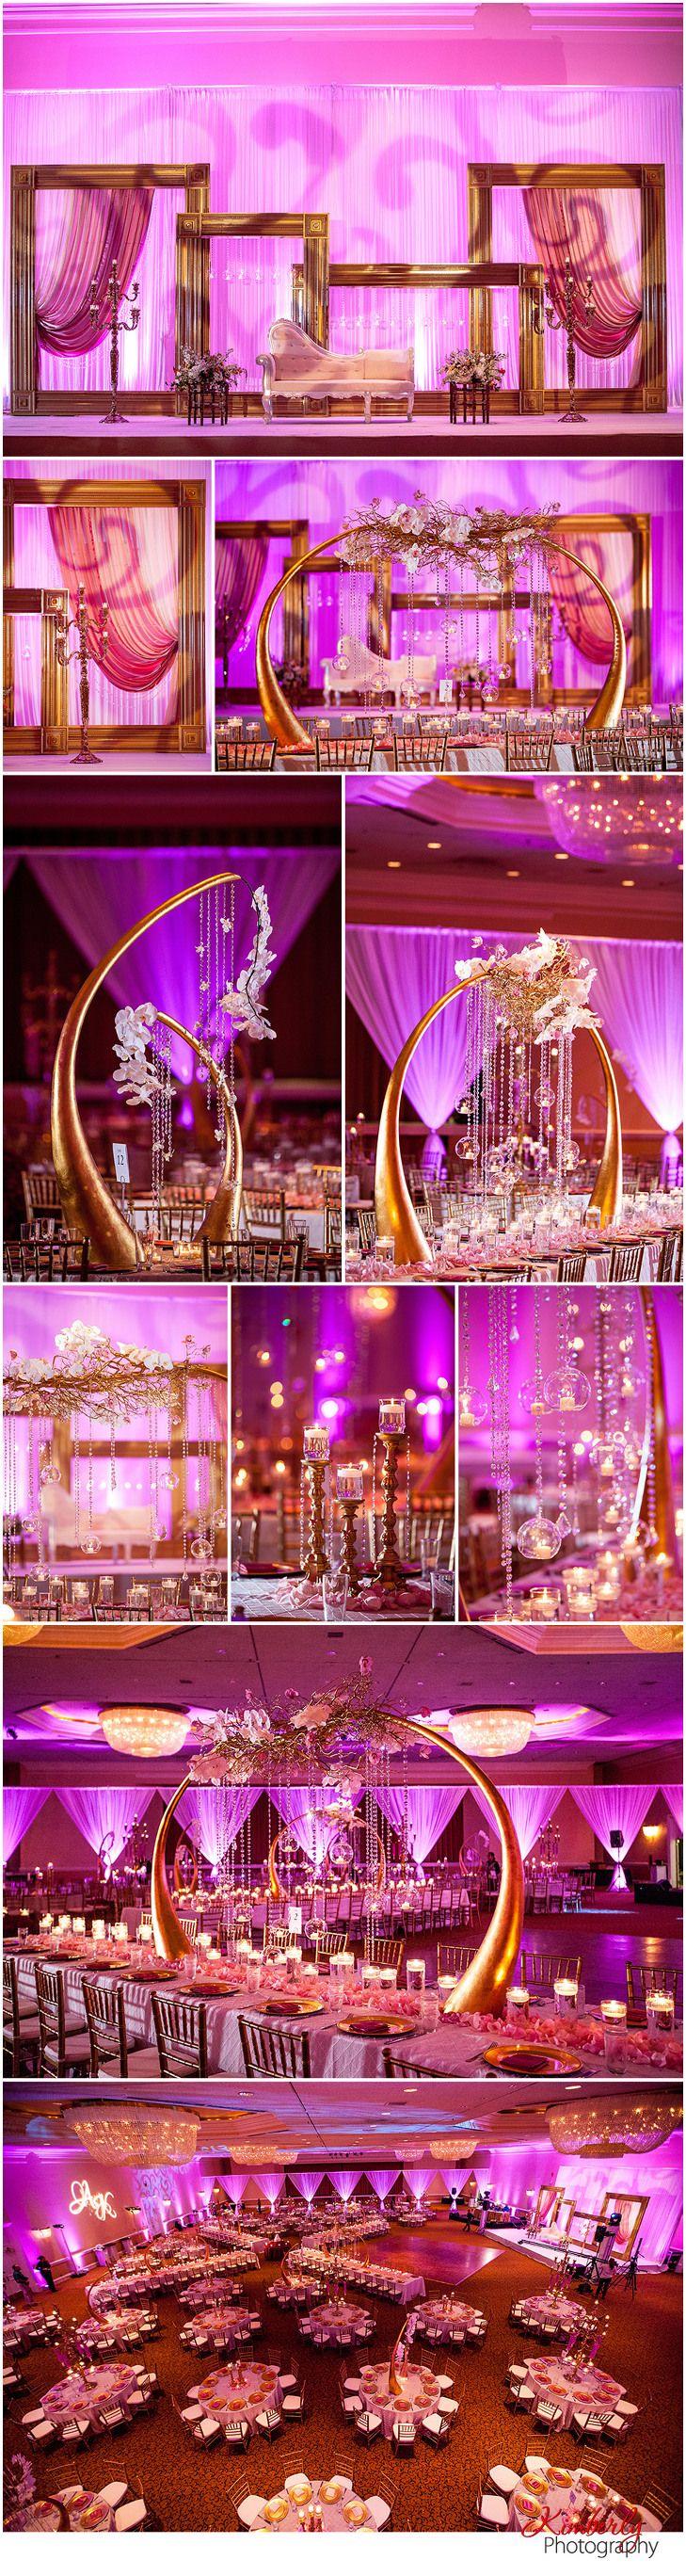 Tampa Wedding Photography   Pinterest   Hindus, Decoraciones de ...